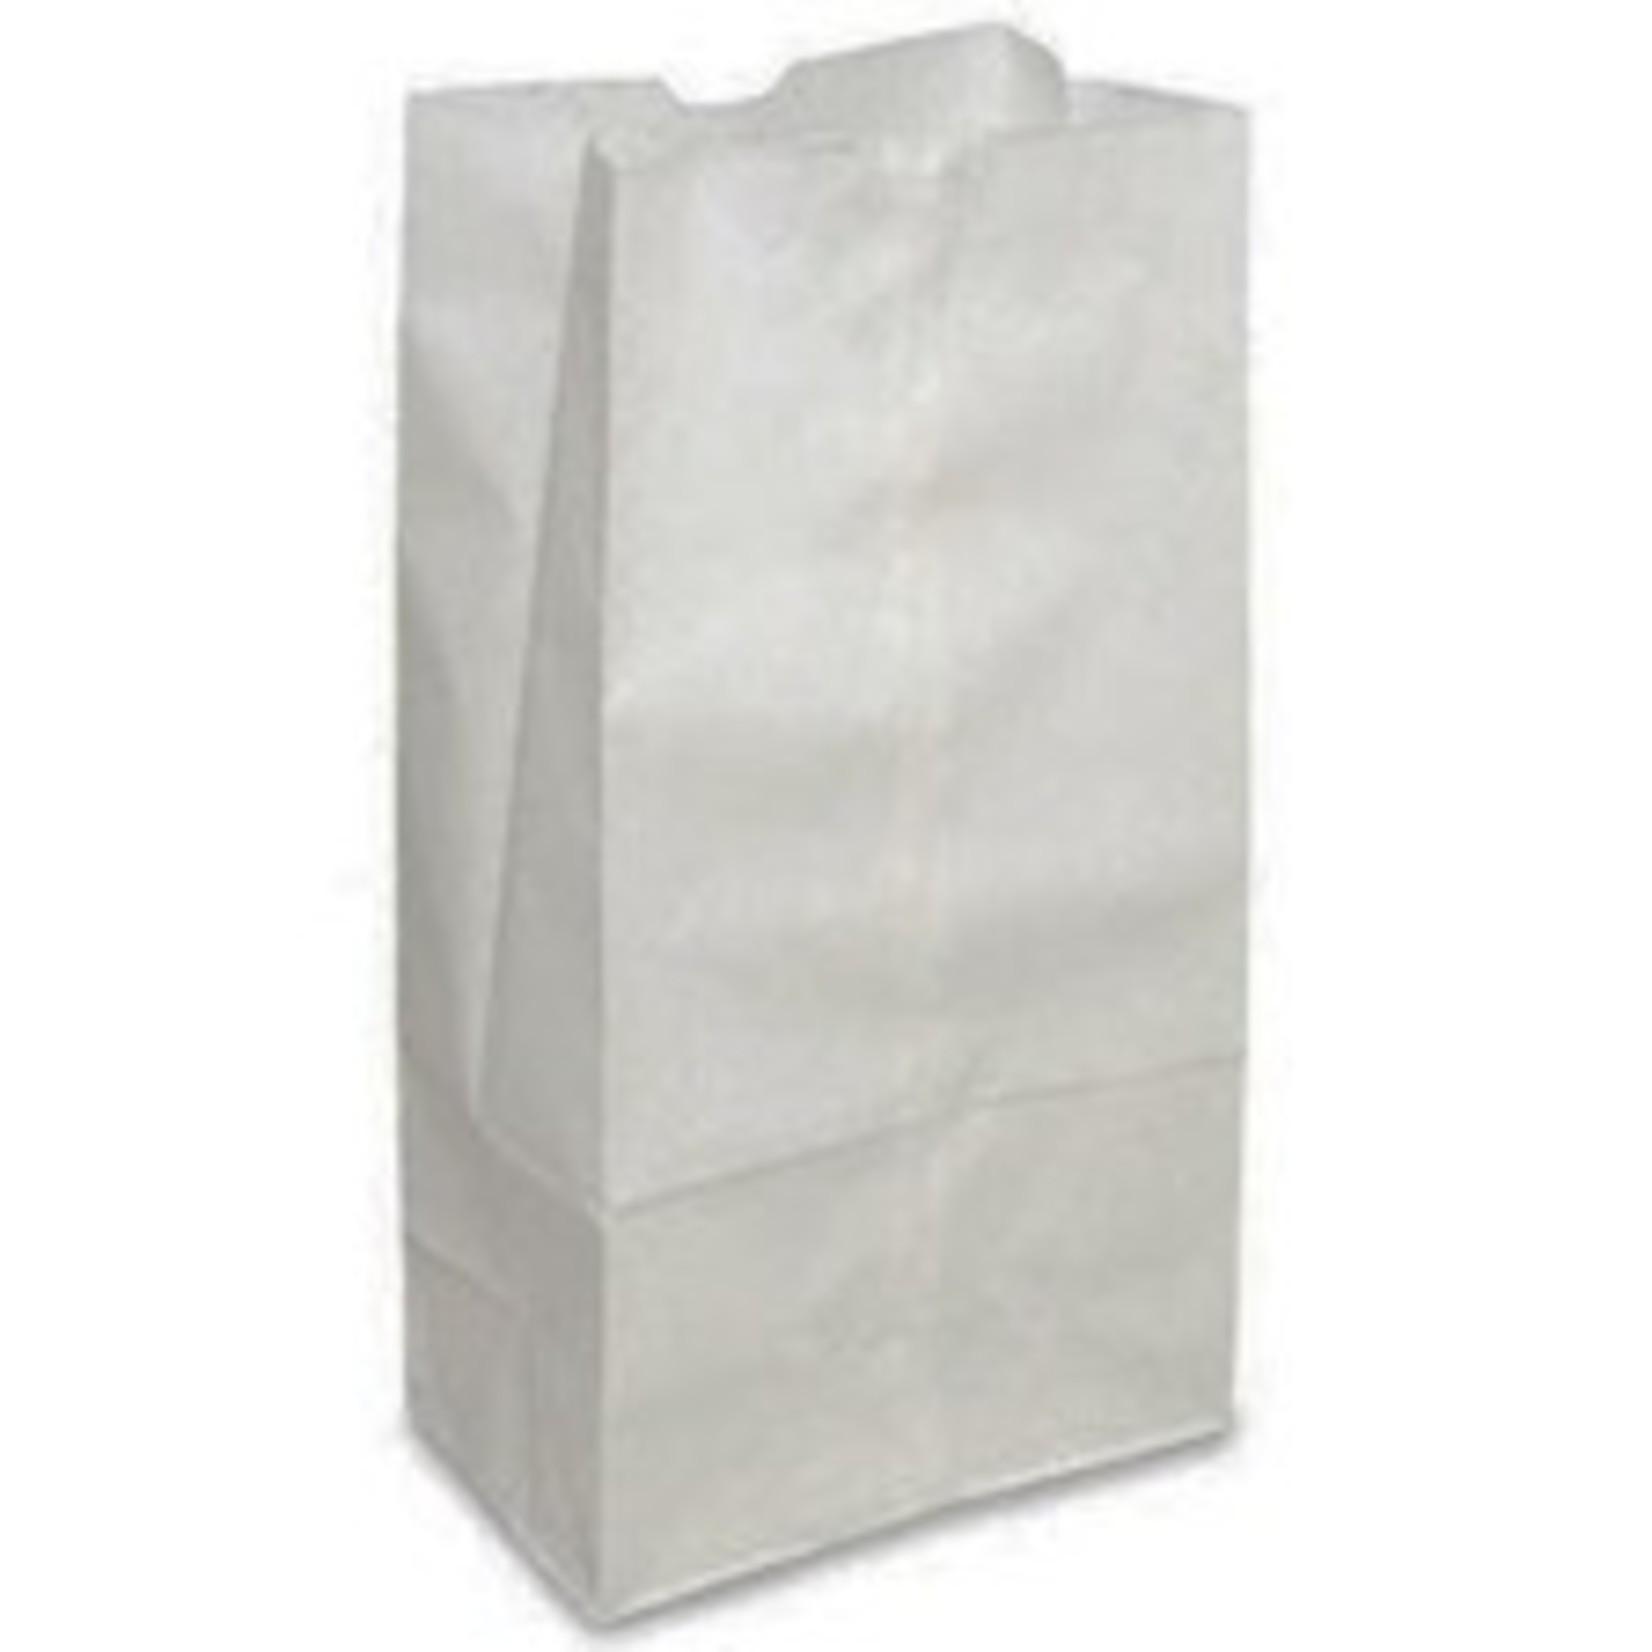 Bags-White-Paper-6lb-50pk